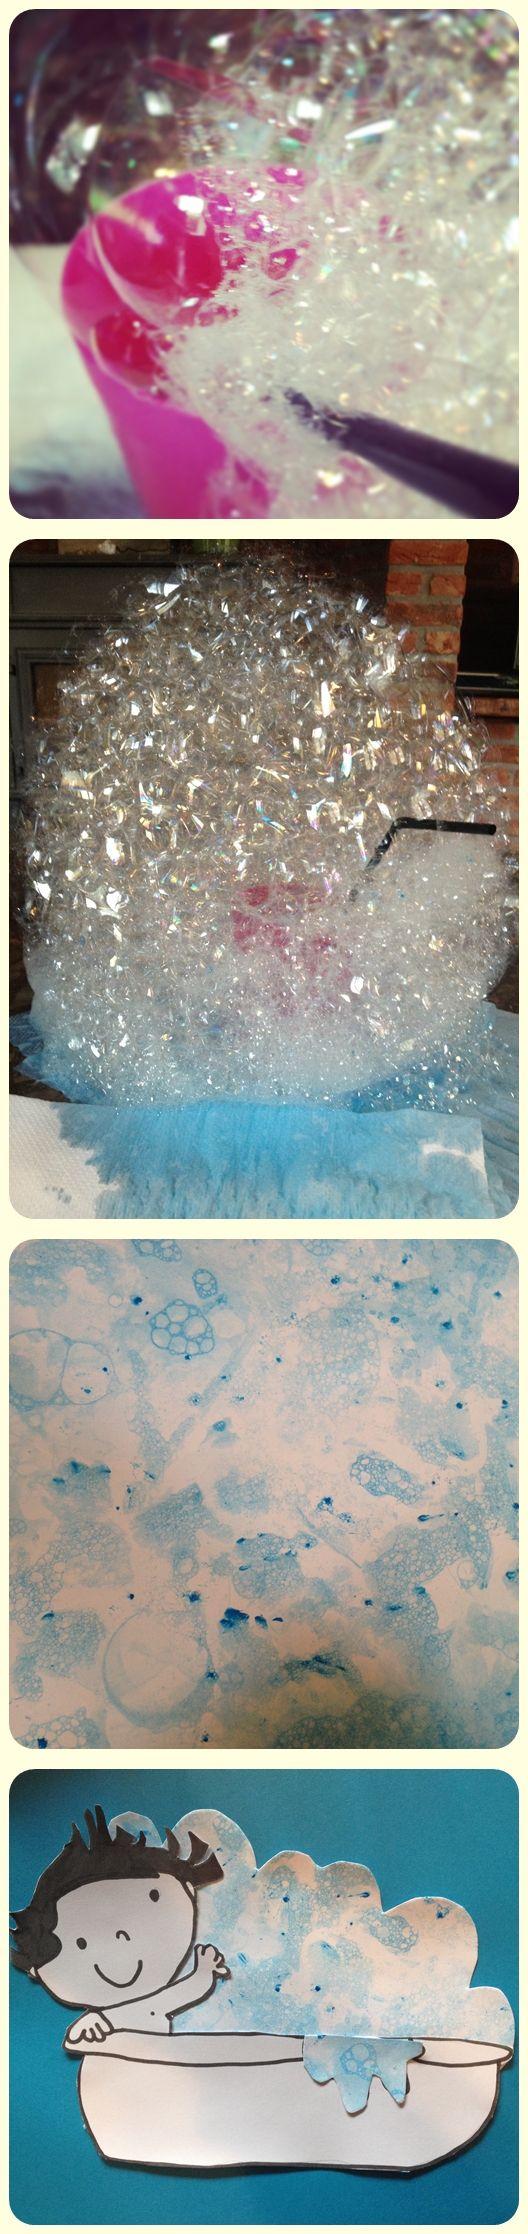 Schuim blazen (water en dreft in beker) met een rietje. Blauwe verf toevoegen en nog meer bellen blazen! Afdrukken maken op stevig wit papier. Knippen in de vorm van schuim. :-)